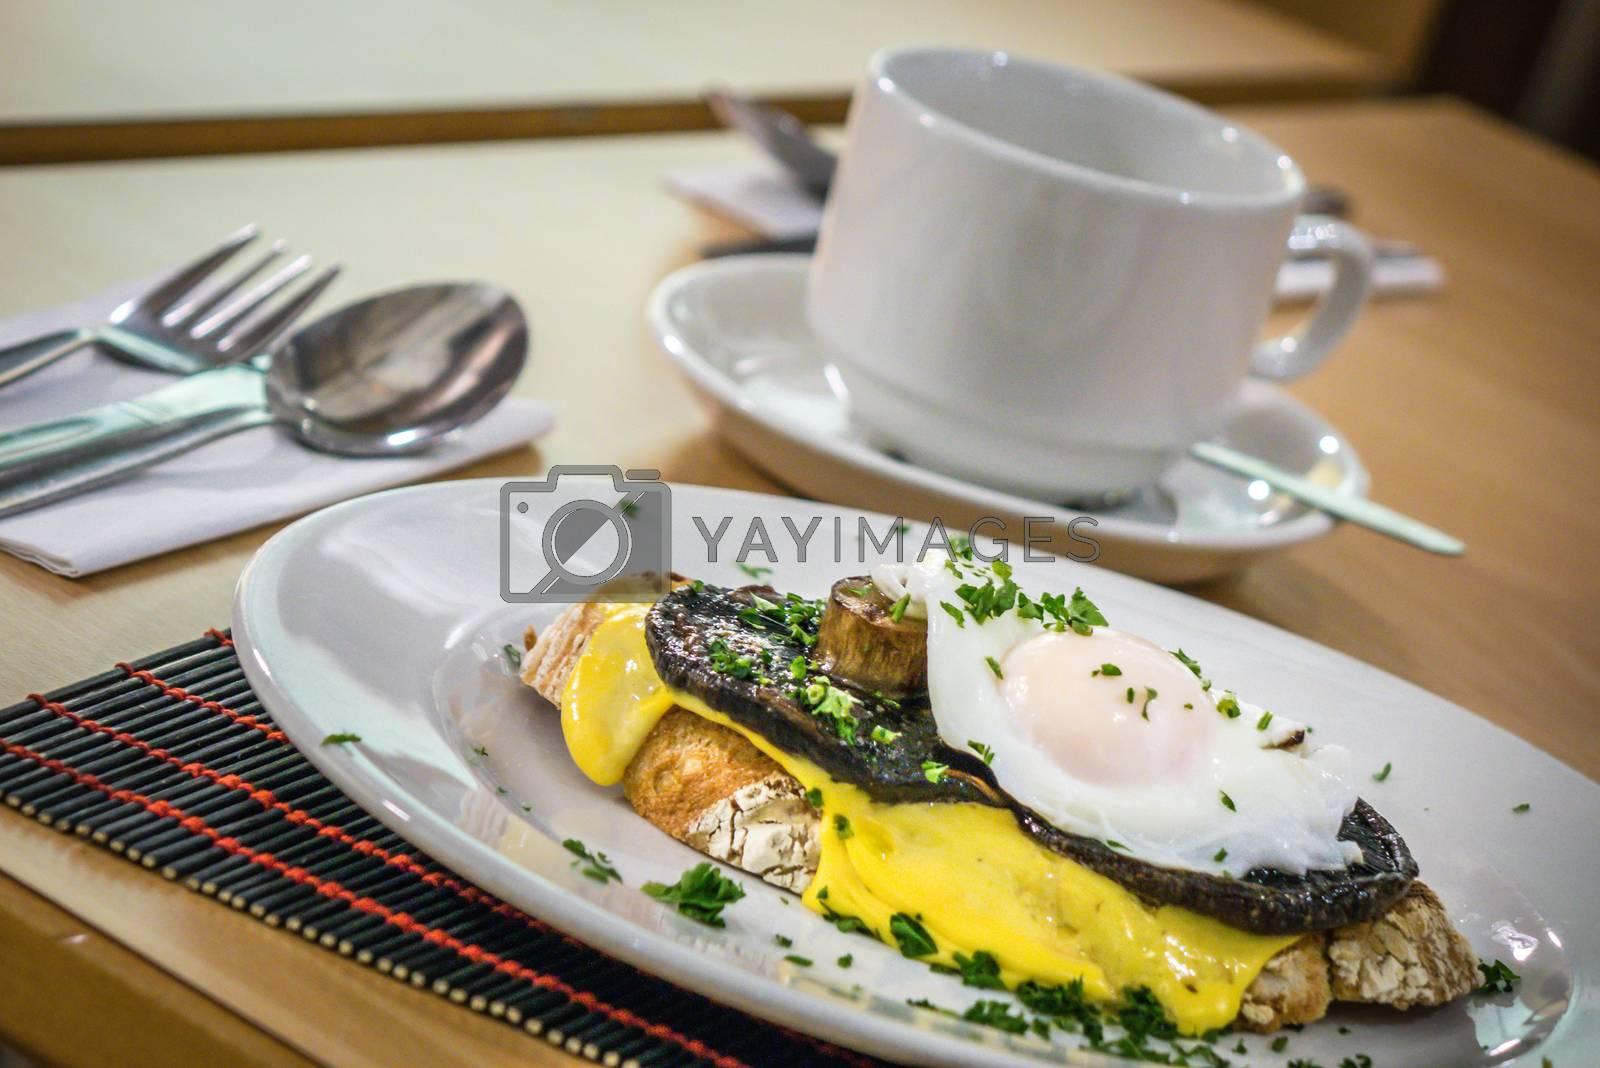 Mushroom Egg Benedict sandwich served for breakfast